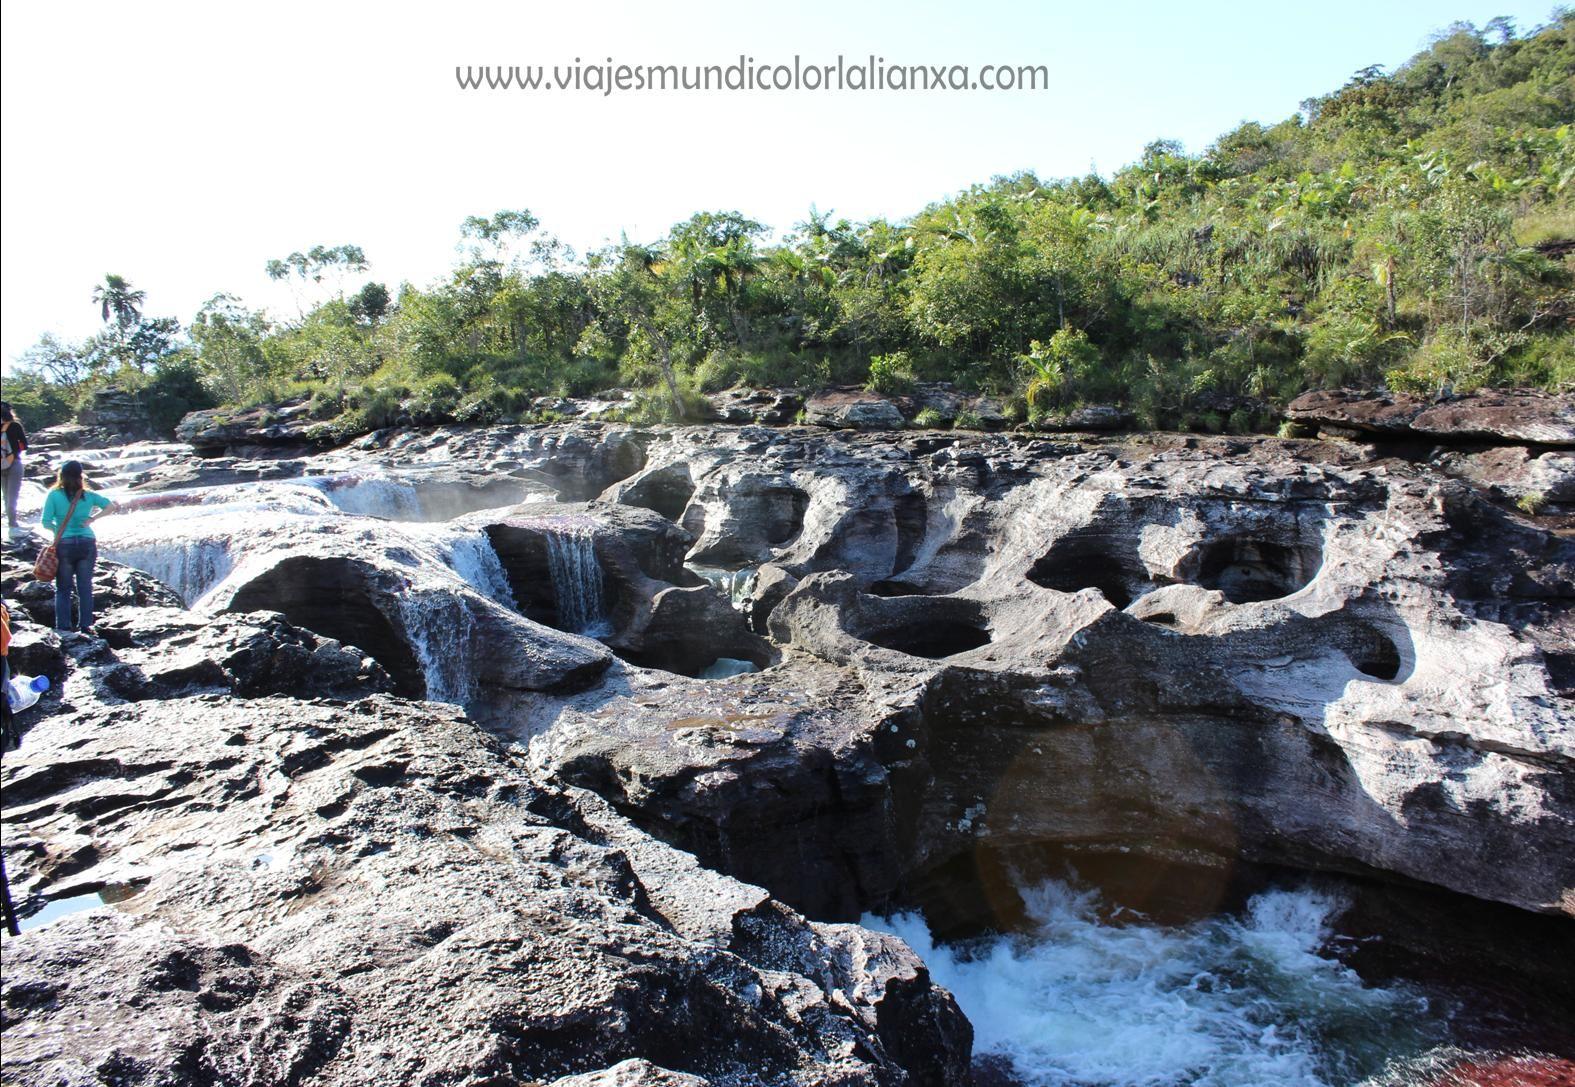 Caño Cristales en la Serranía de la Macarena